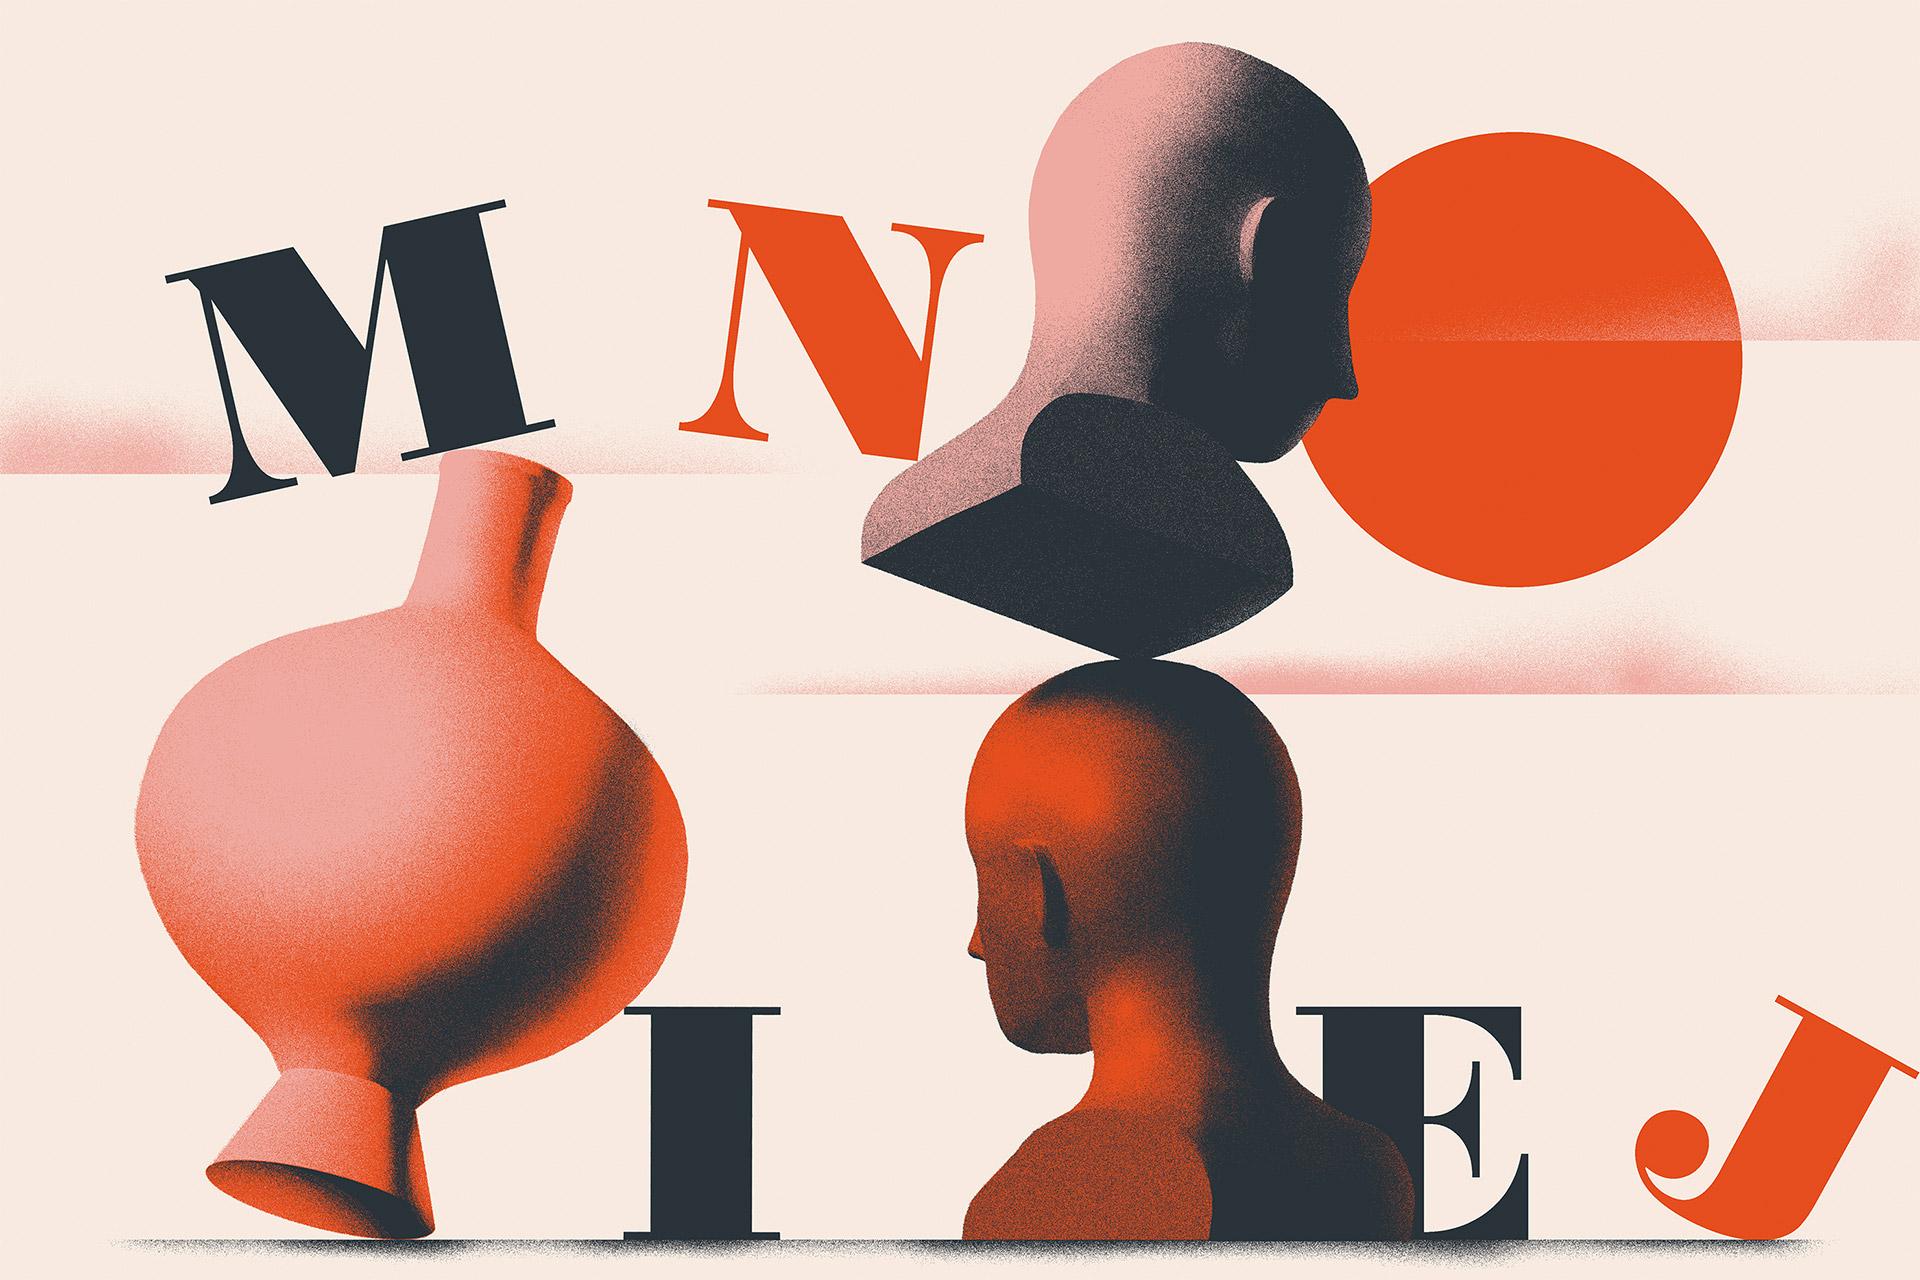 充分利用颜色和纹理 Tomasz Wozniakowski复古风格插图设计